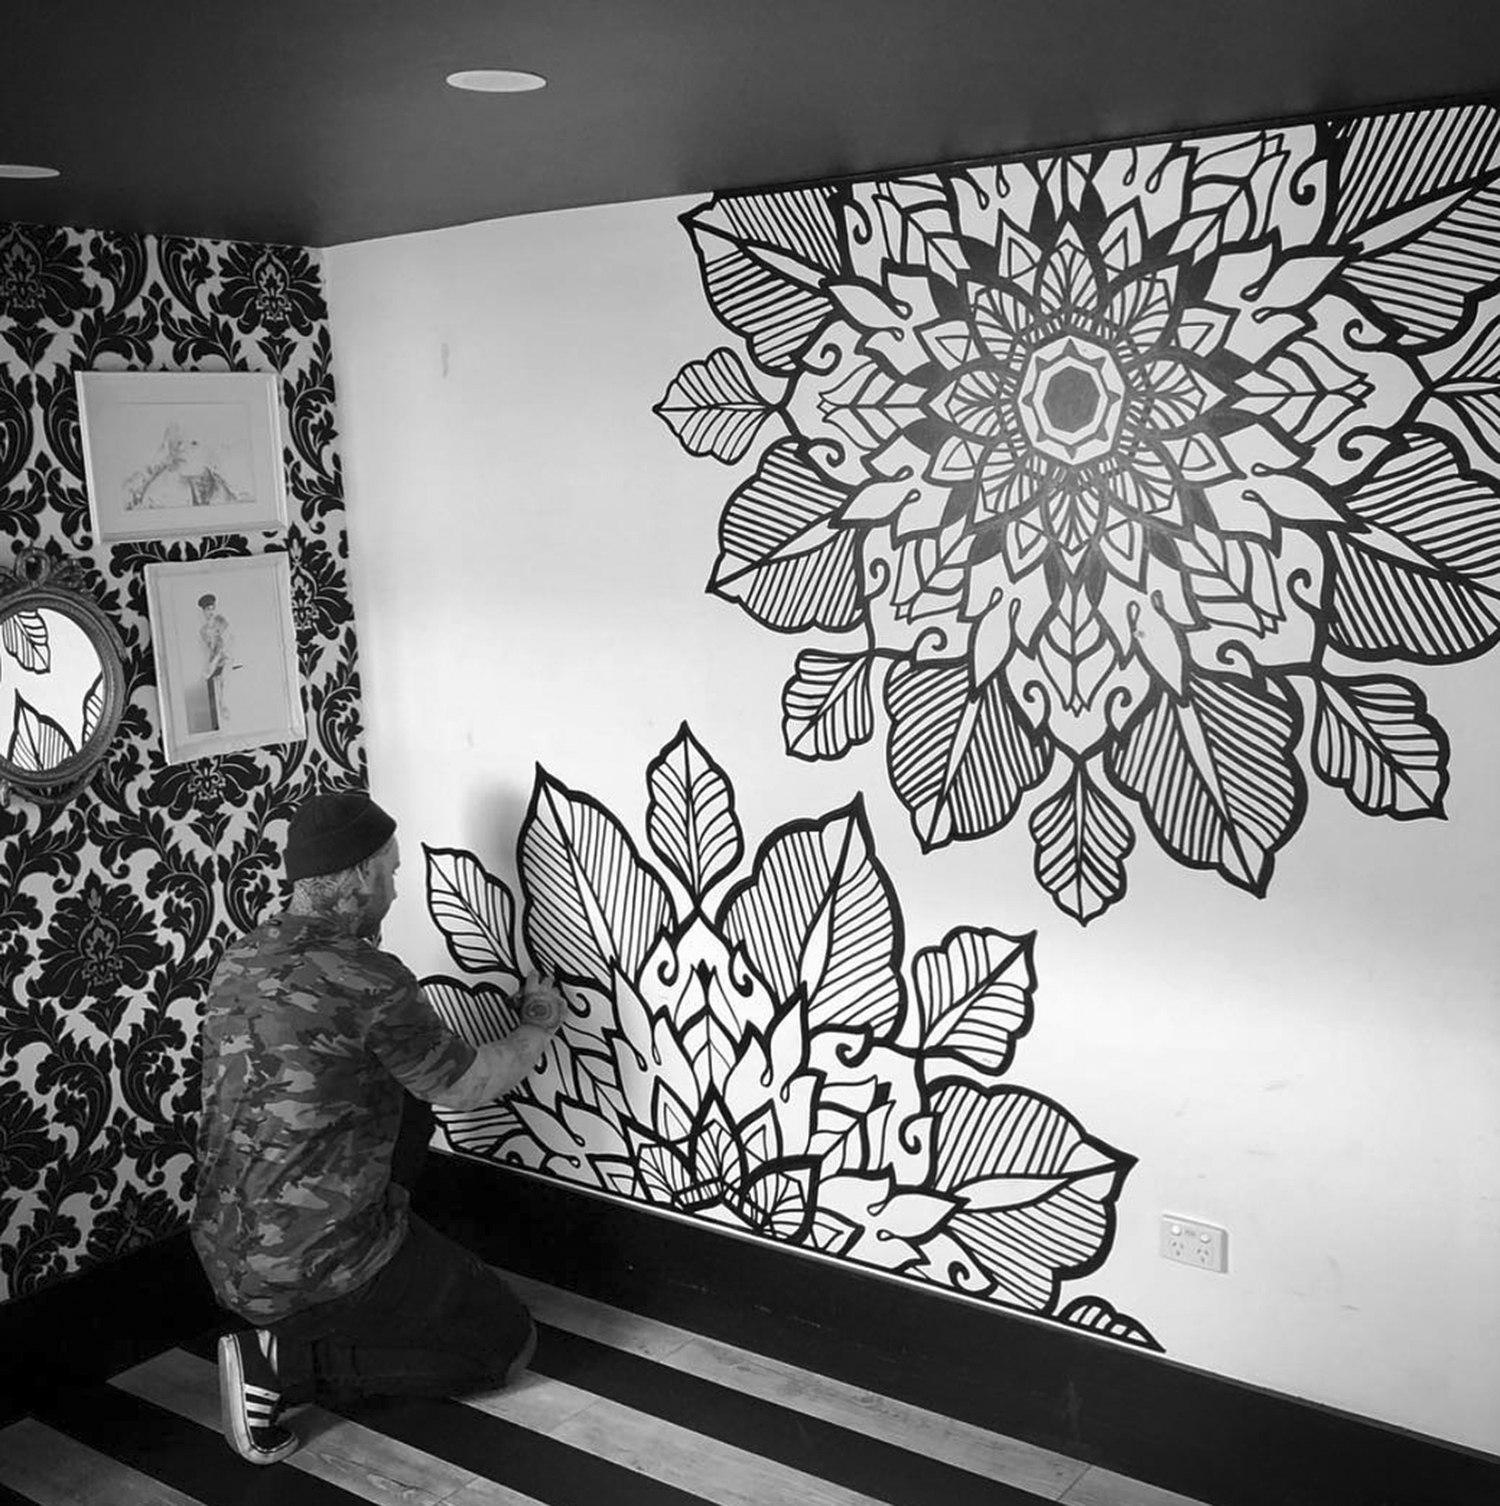 mural by tattoo artist keegan sweeney